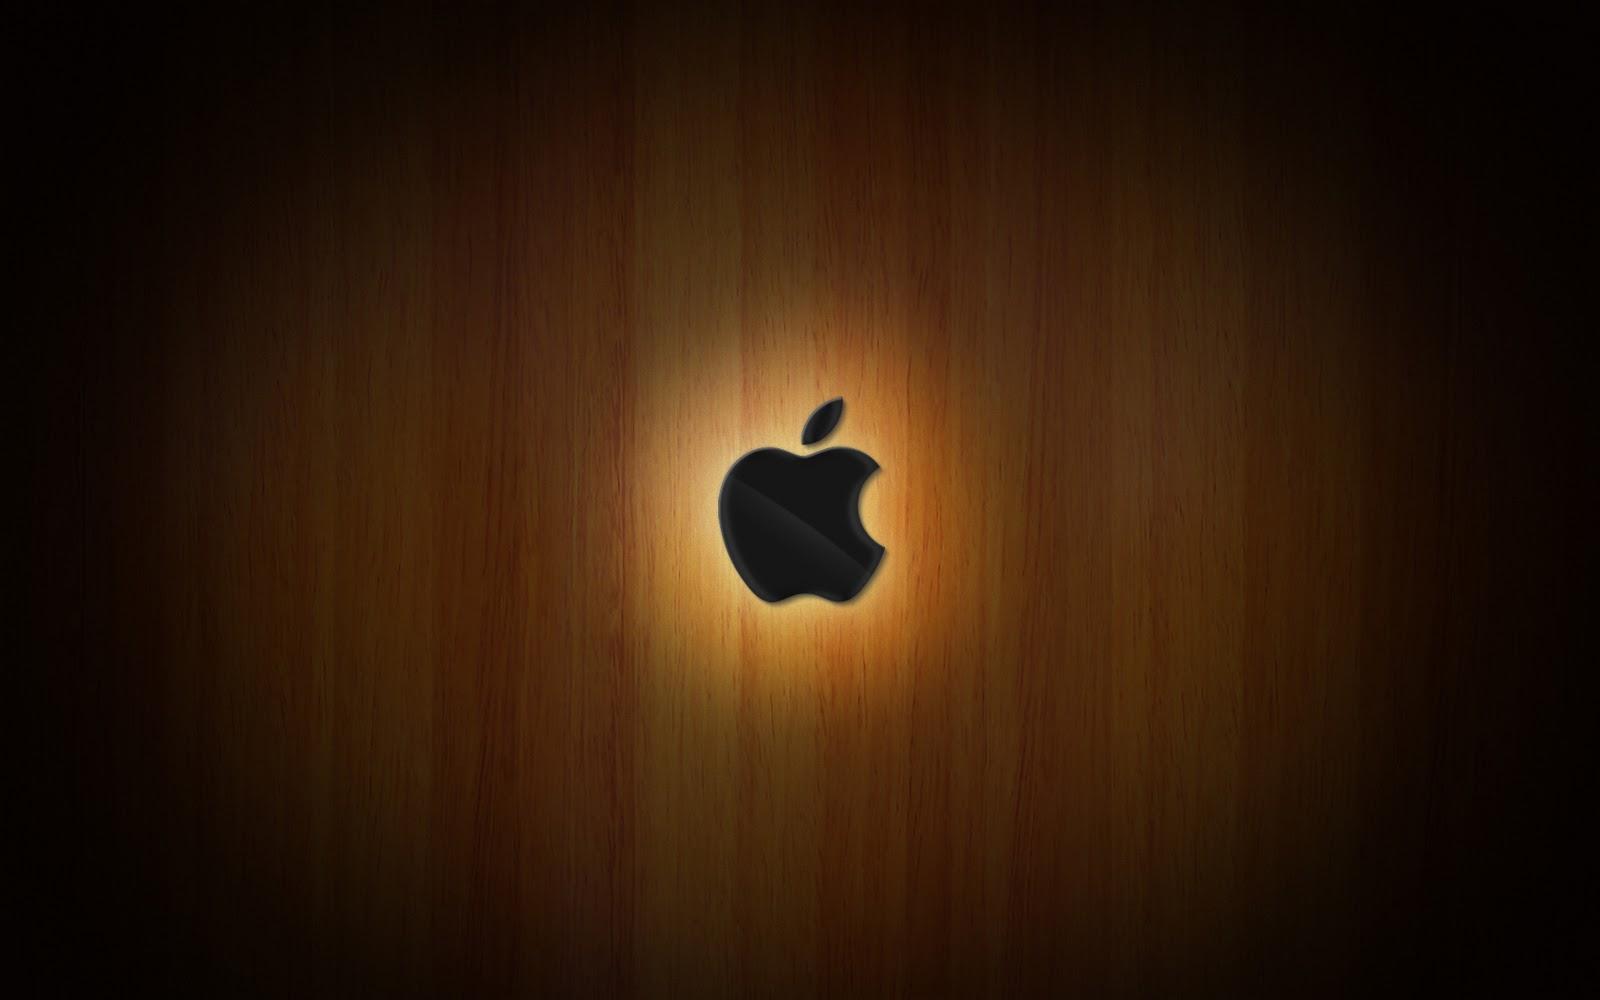 http://1.bp.blogspot.com/-vBK0QHVrSSs/TtDpl7bQ6TI/AAAAAAAAHrk/EWAXrlwabP0/s1600/Classic-Apple-Desktop-Wallpaper.jpg